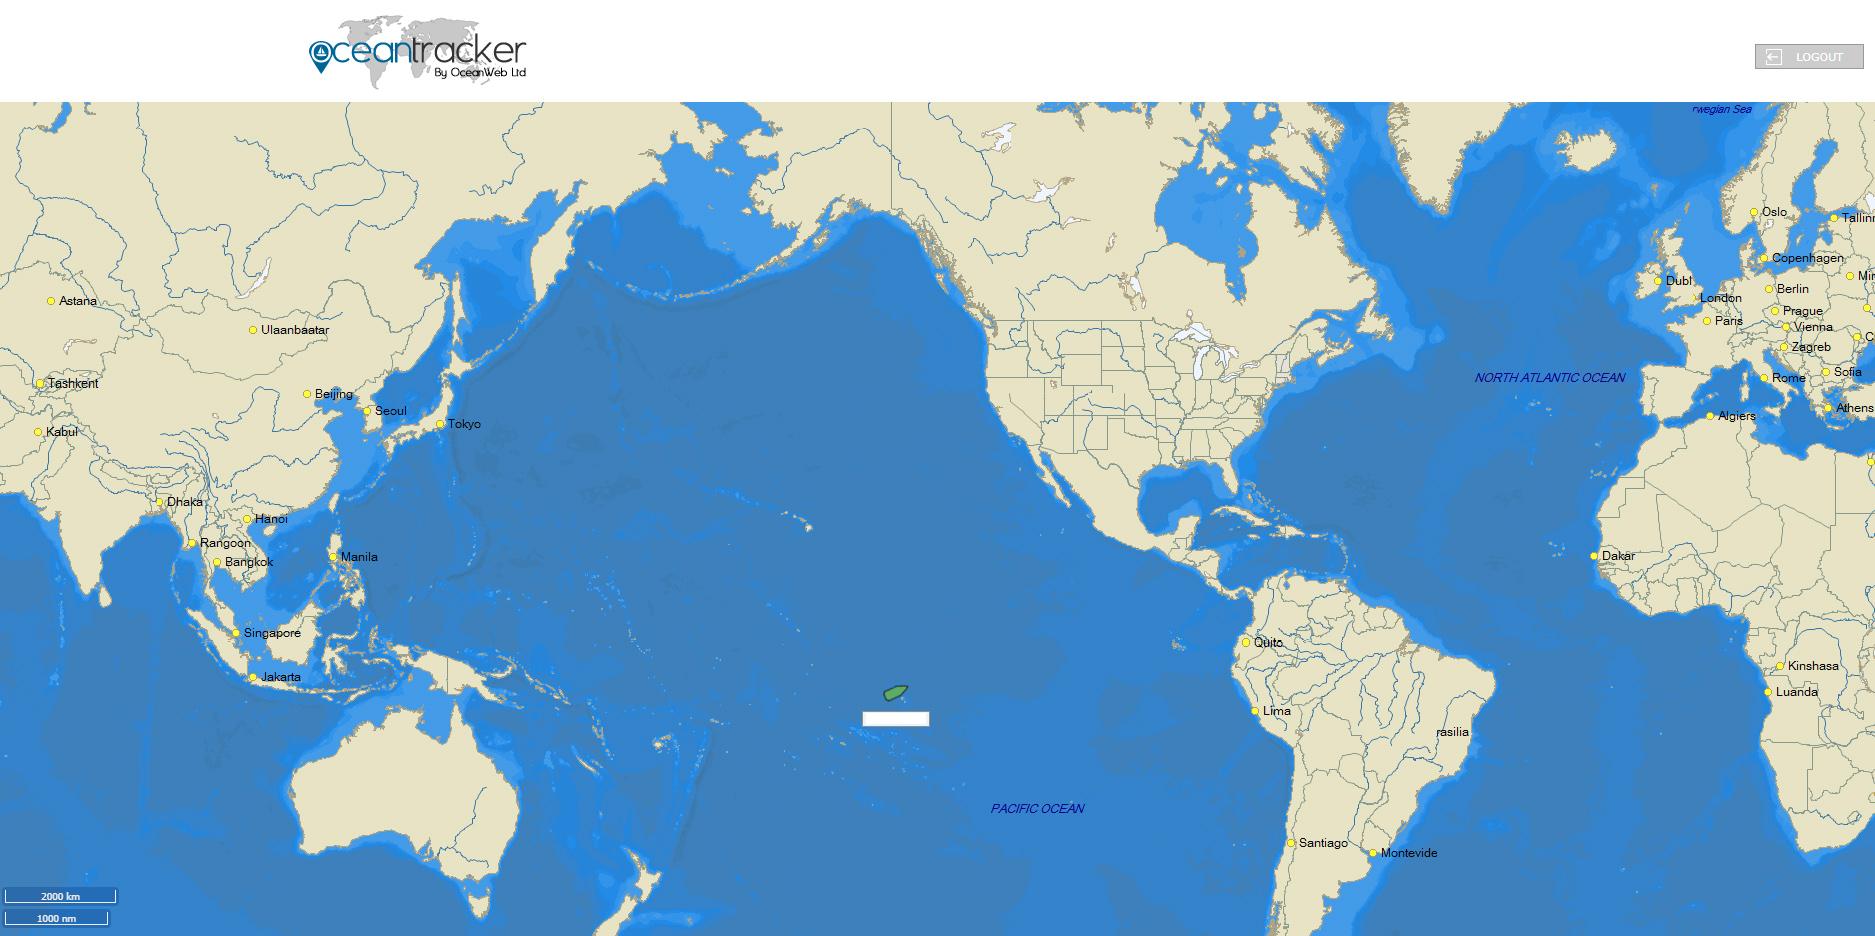 OceanTracker